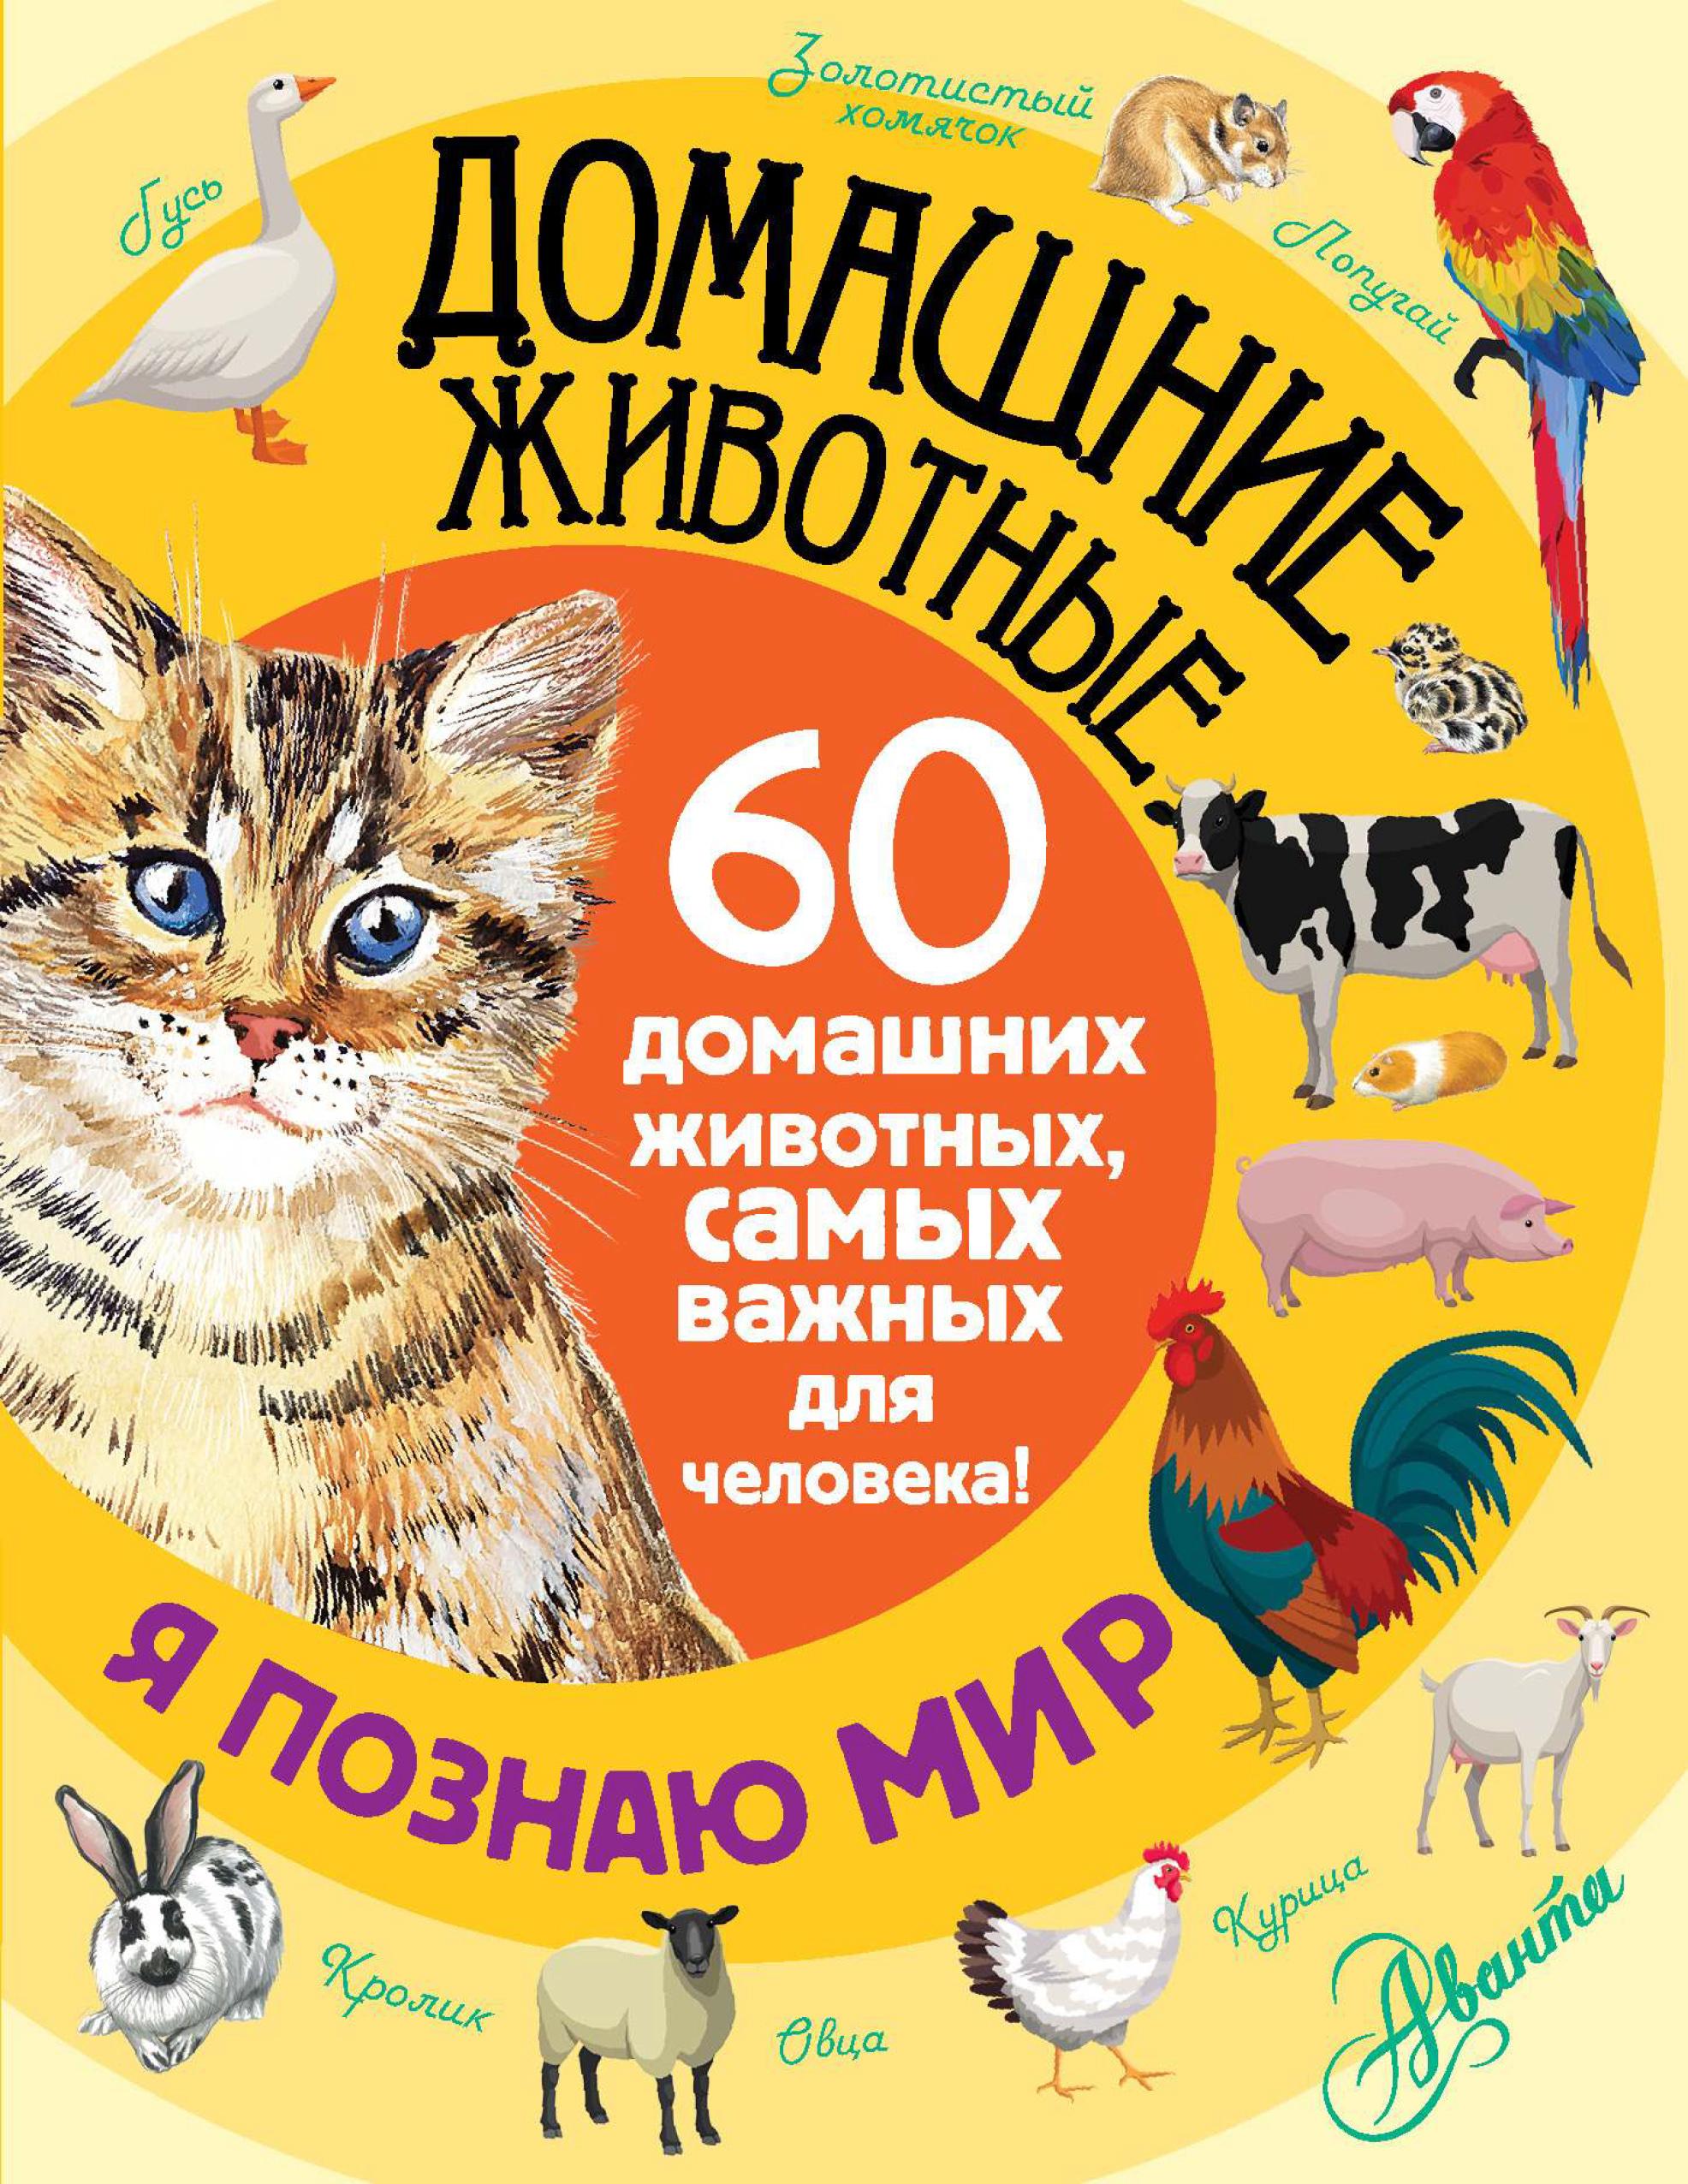 Е. Ю. Снегирева Домашние животные. 60 домашних животных, самых важных для человека! е ю снегирёва домашние животные 60 домашних животных самых важных для человека